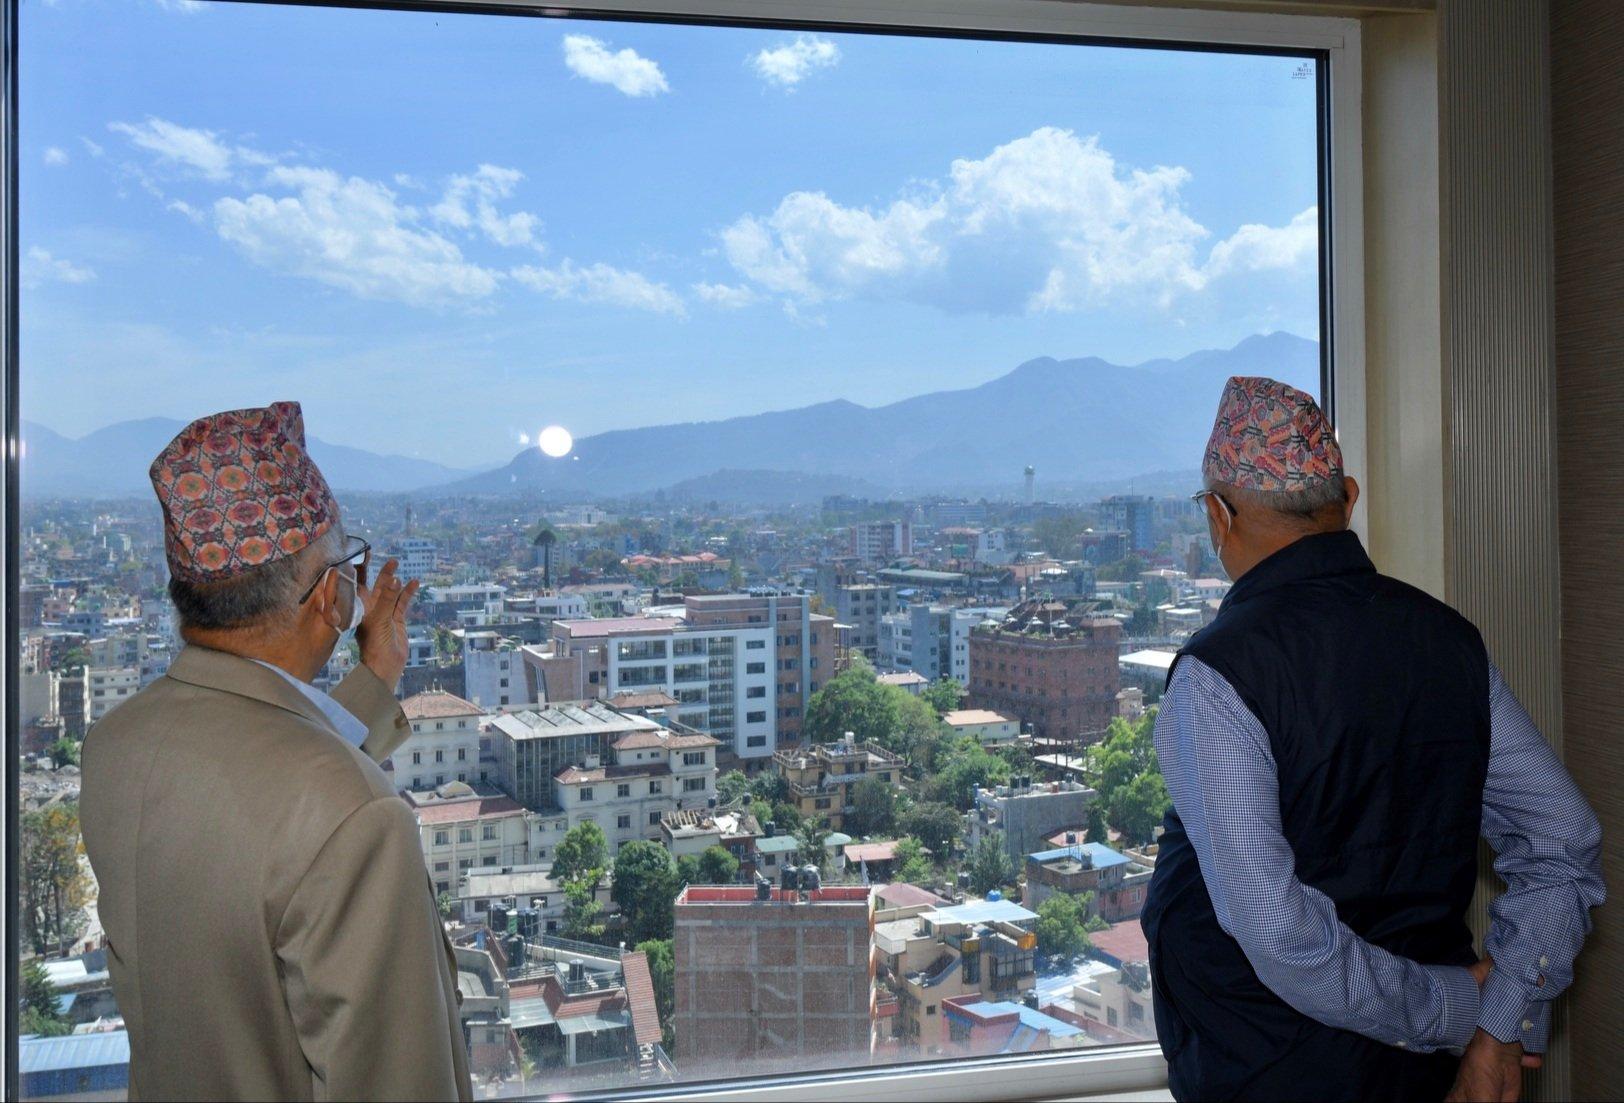 प्रधानमन्त्री ओली र वरिष्ठ नेता नेपालबीच एक्ला एक्लै छलफल हुँदै